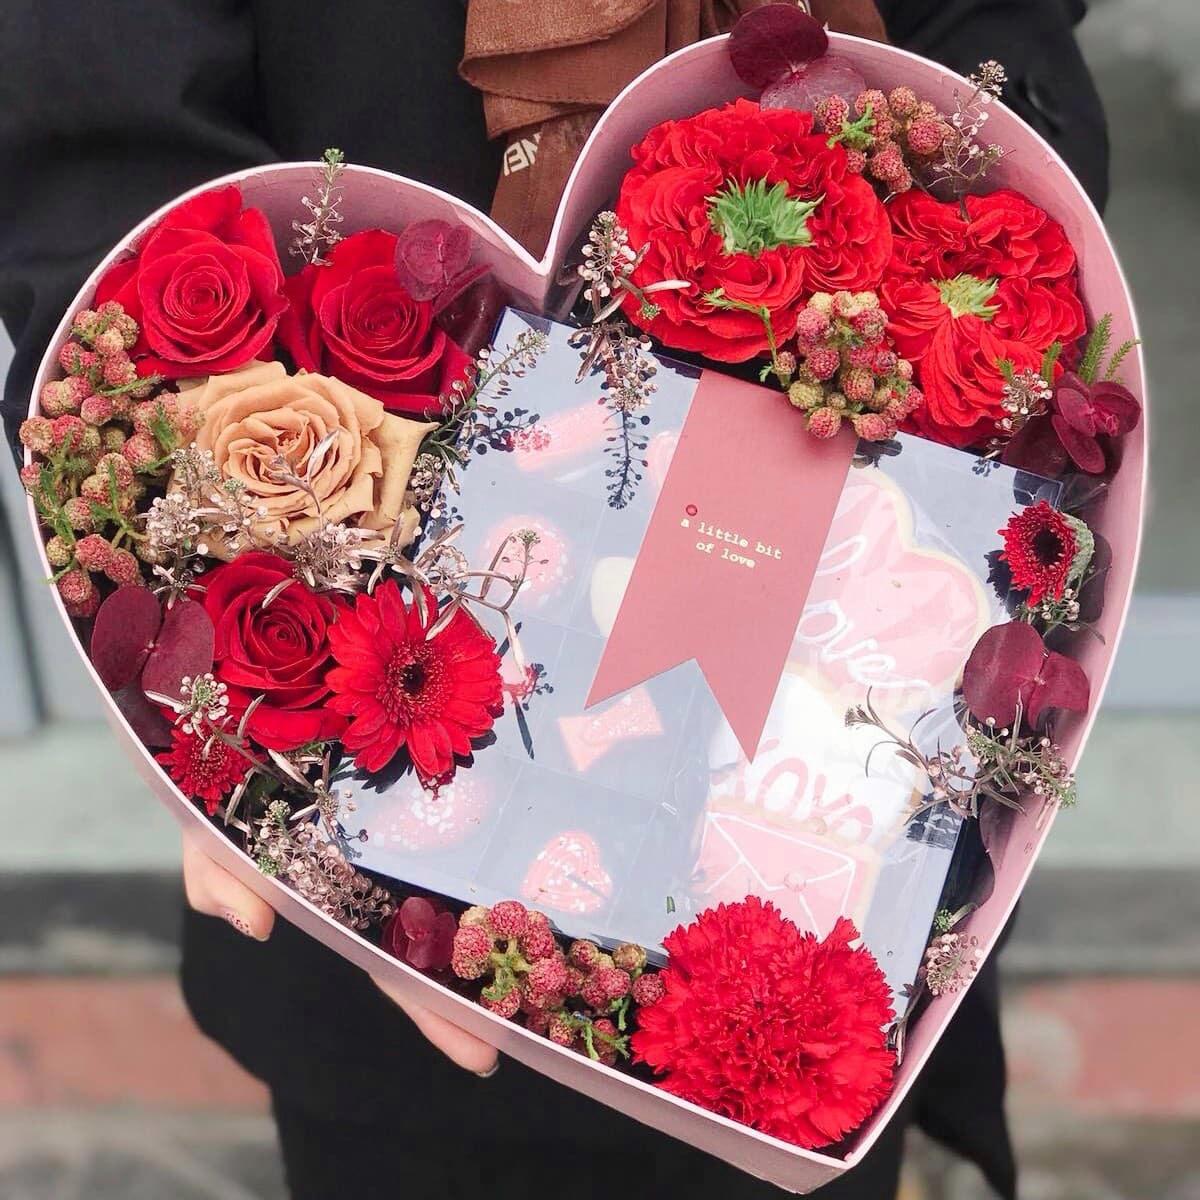 gioi tre tang nhau nuoc rua tay, khau trang ngay le valentine hinh anh 7